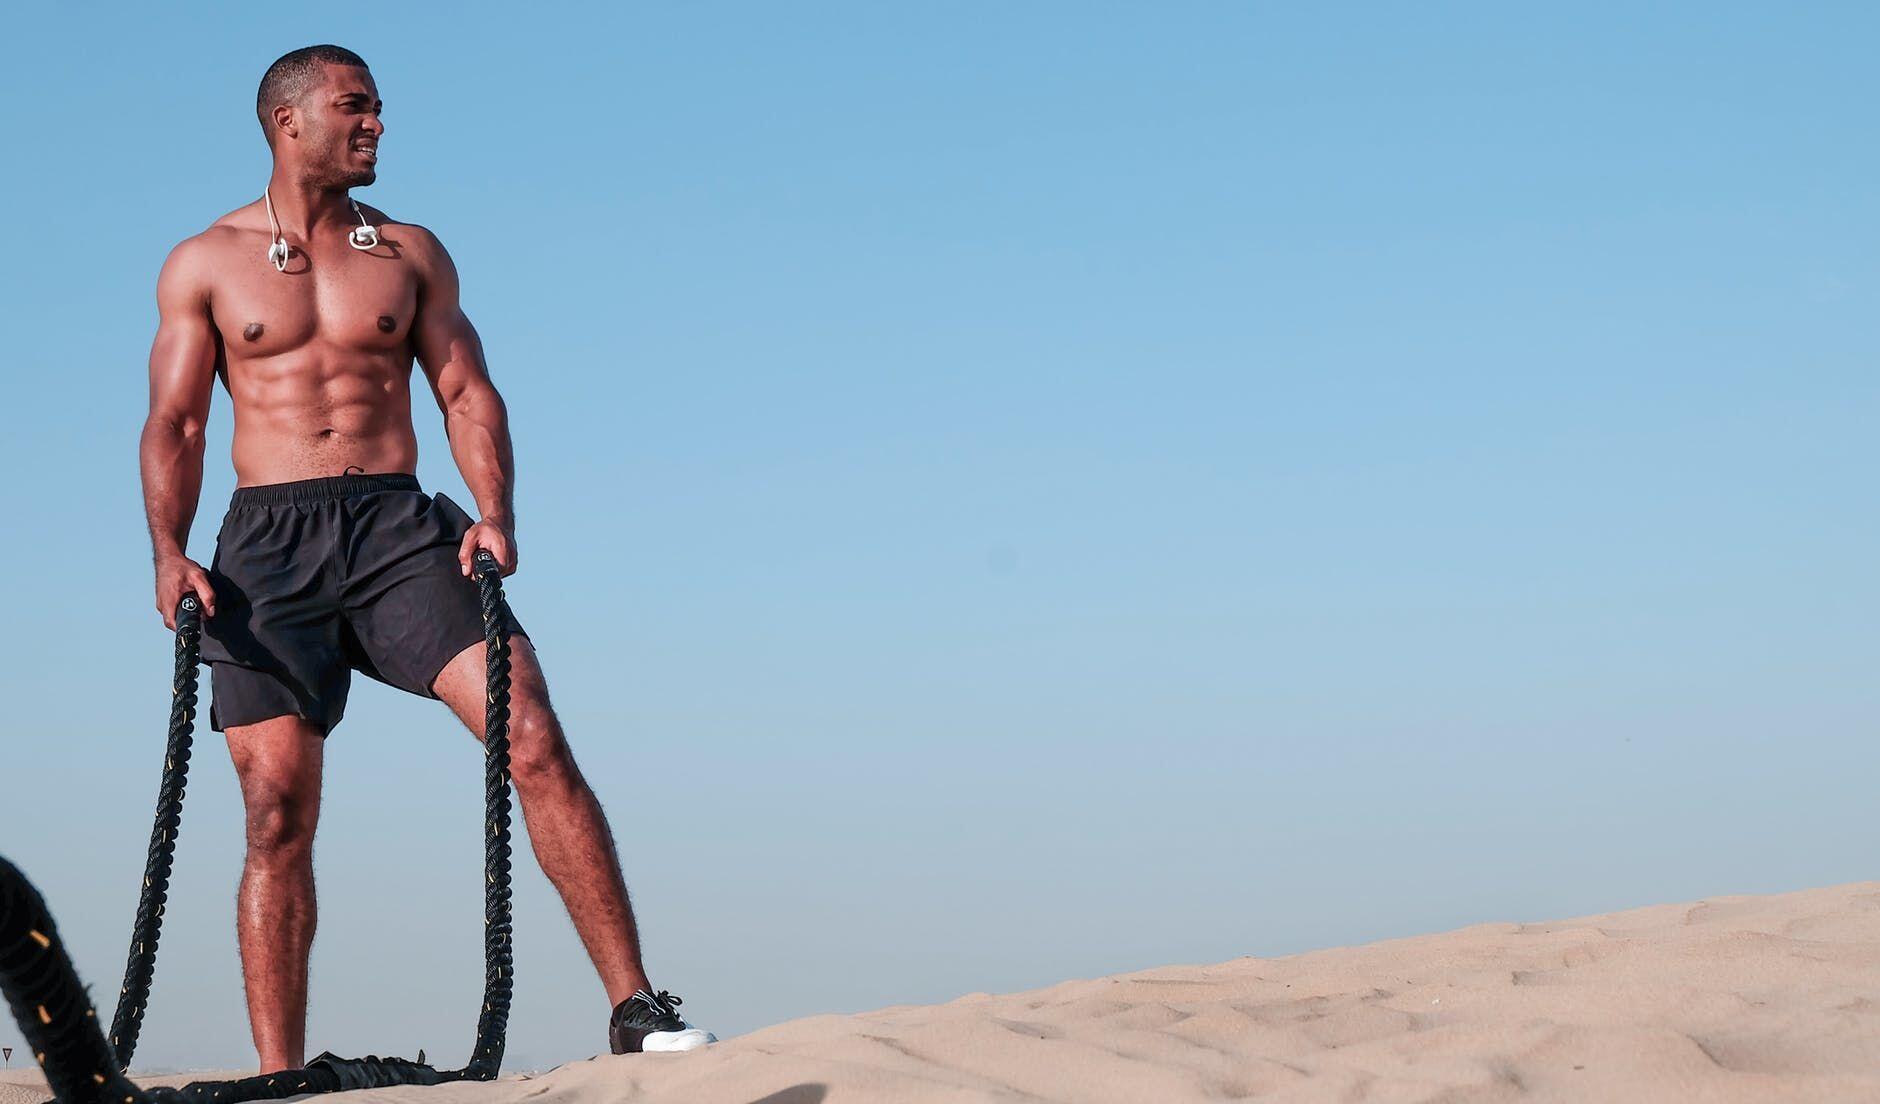 Bukan Hanya Sehat, Ini 7 Hal Positif Jika Kamu Rutin Berolahraga